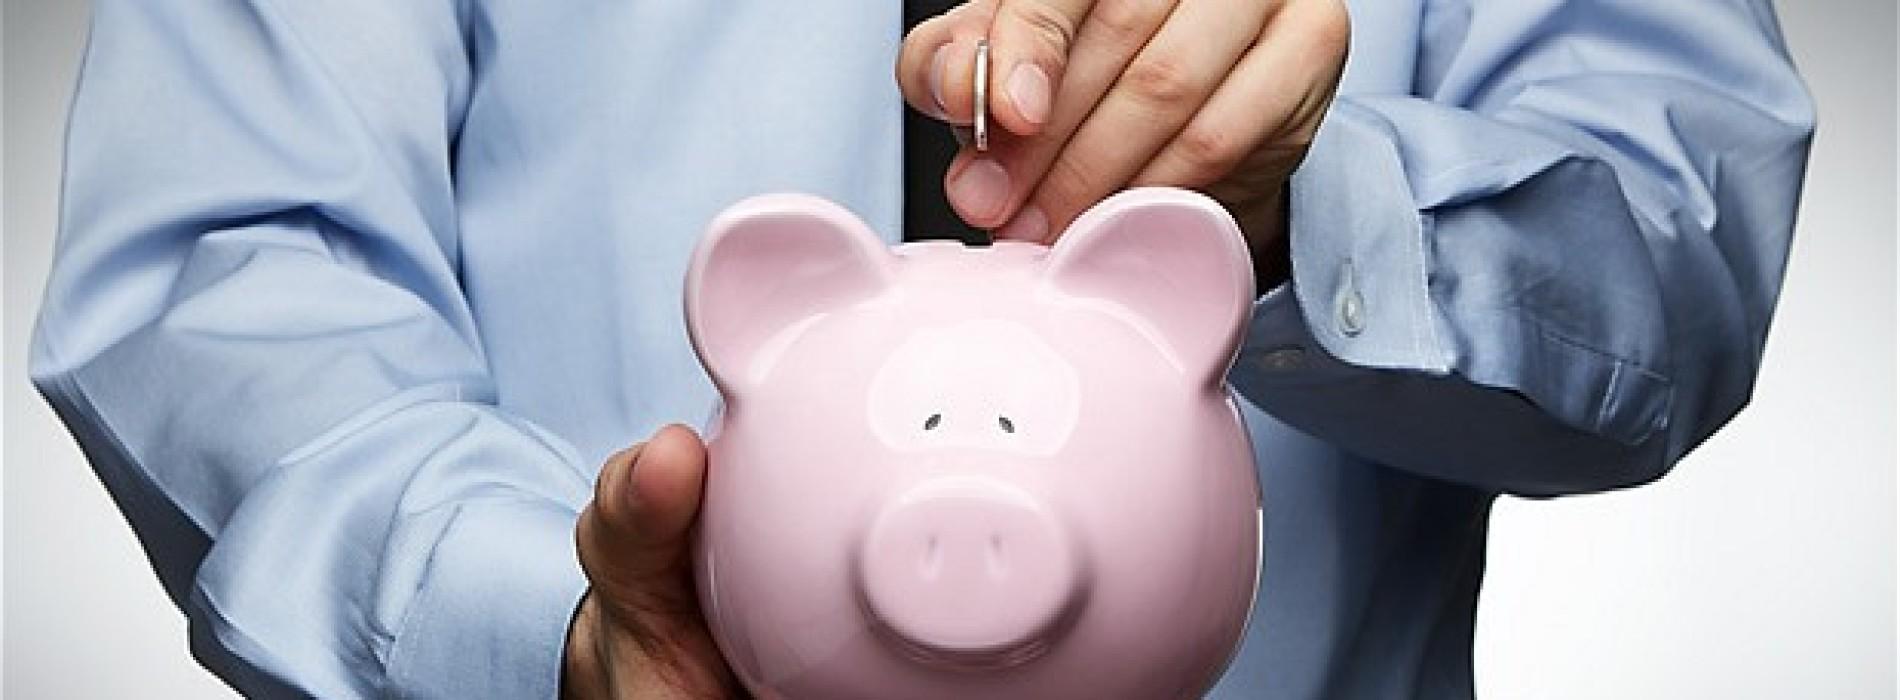 10 wymówek, które przeszkadzają w oszczędzaniu